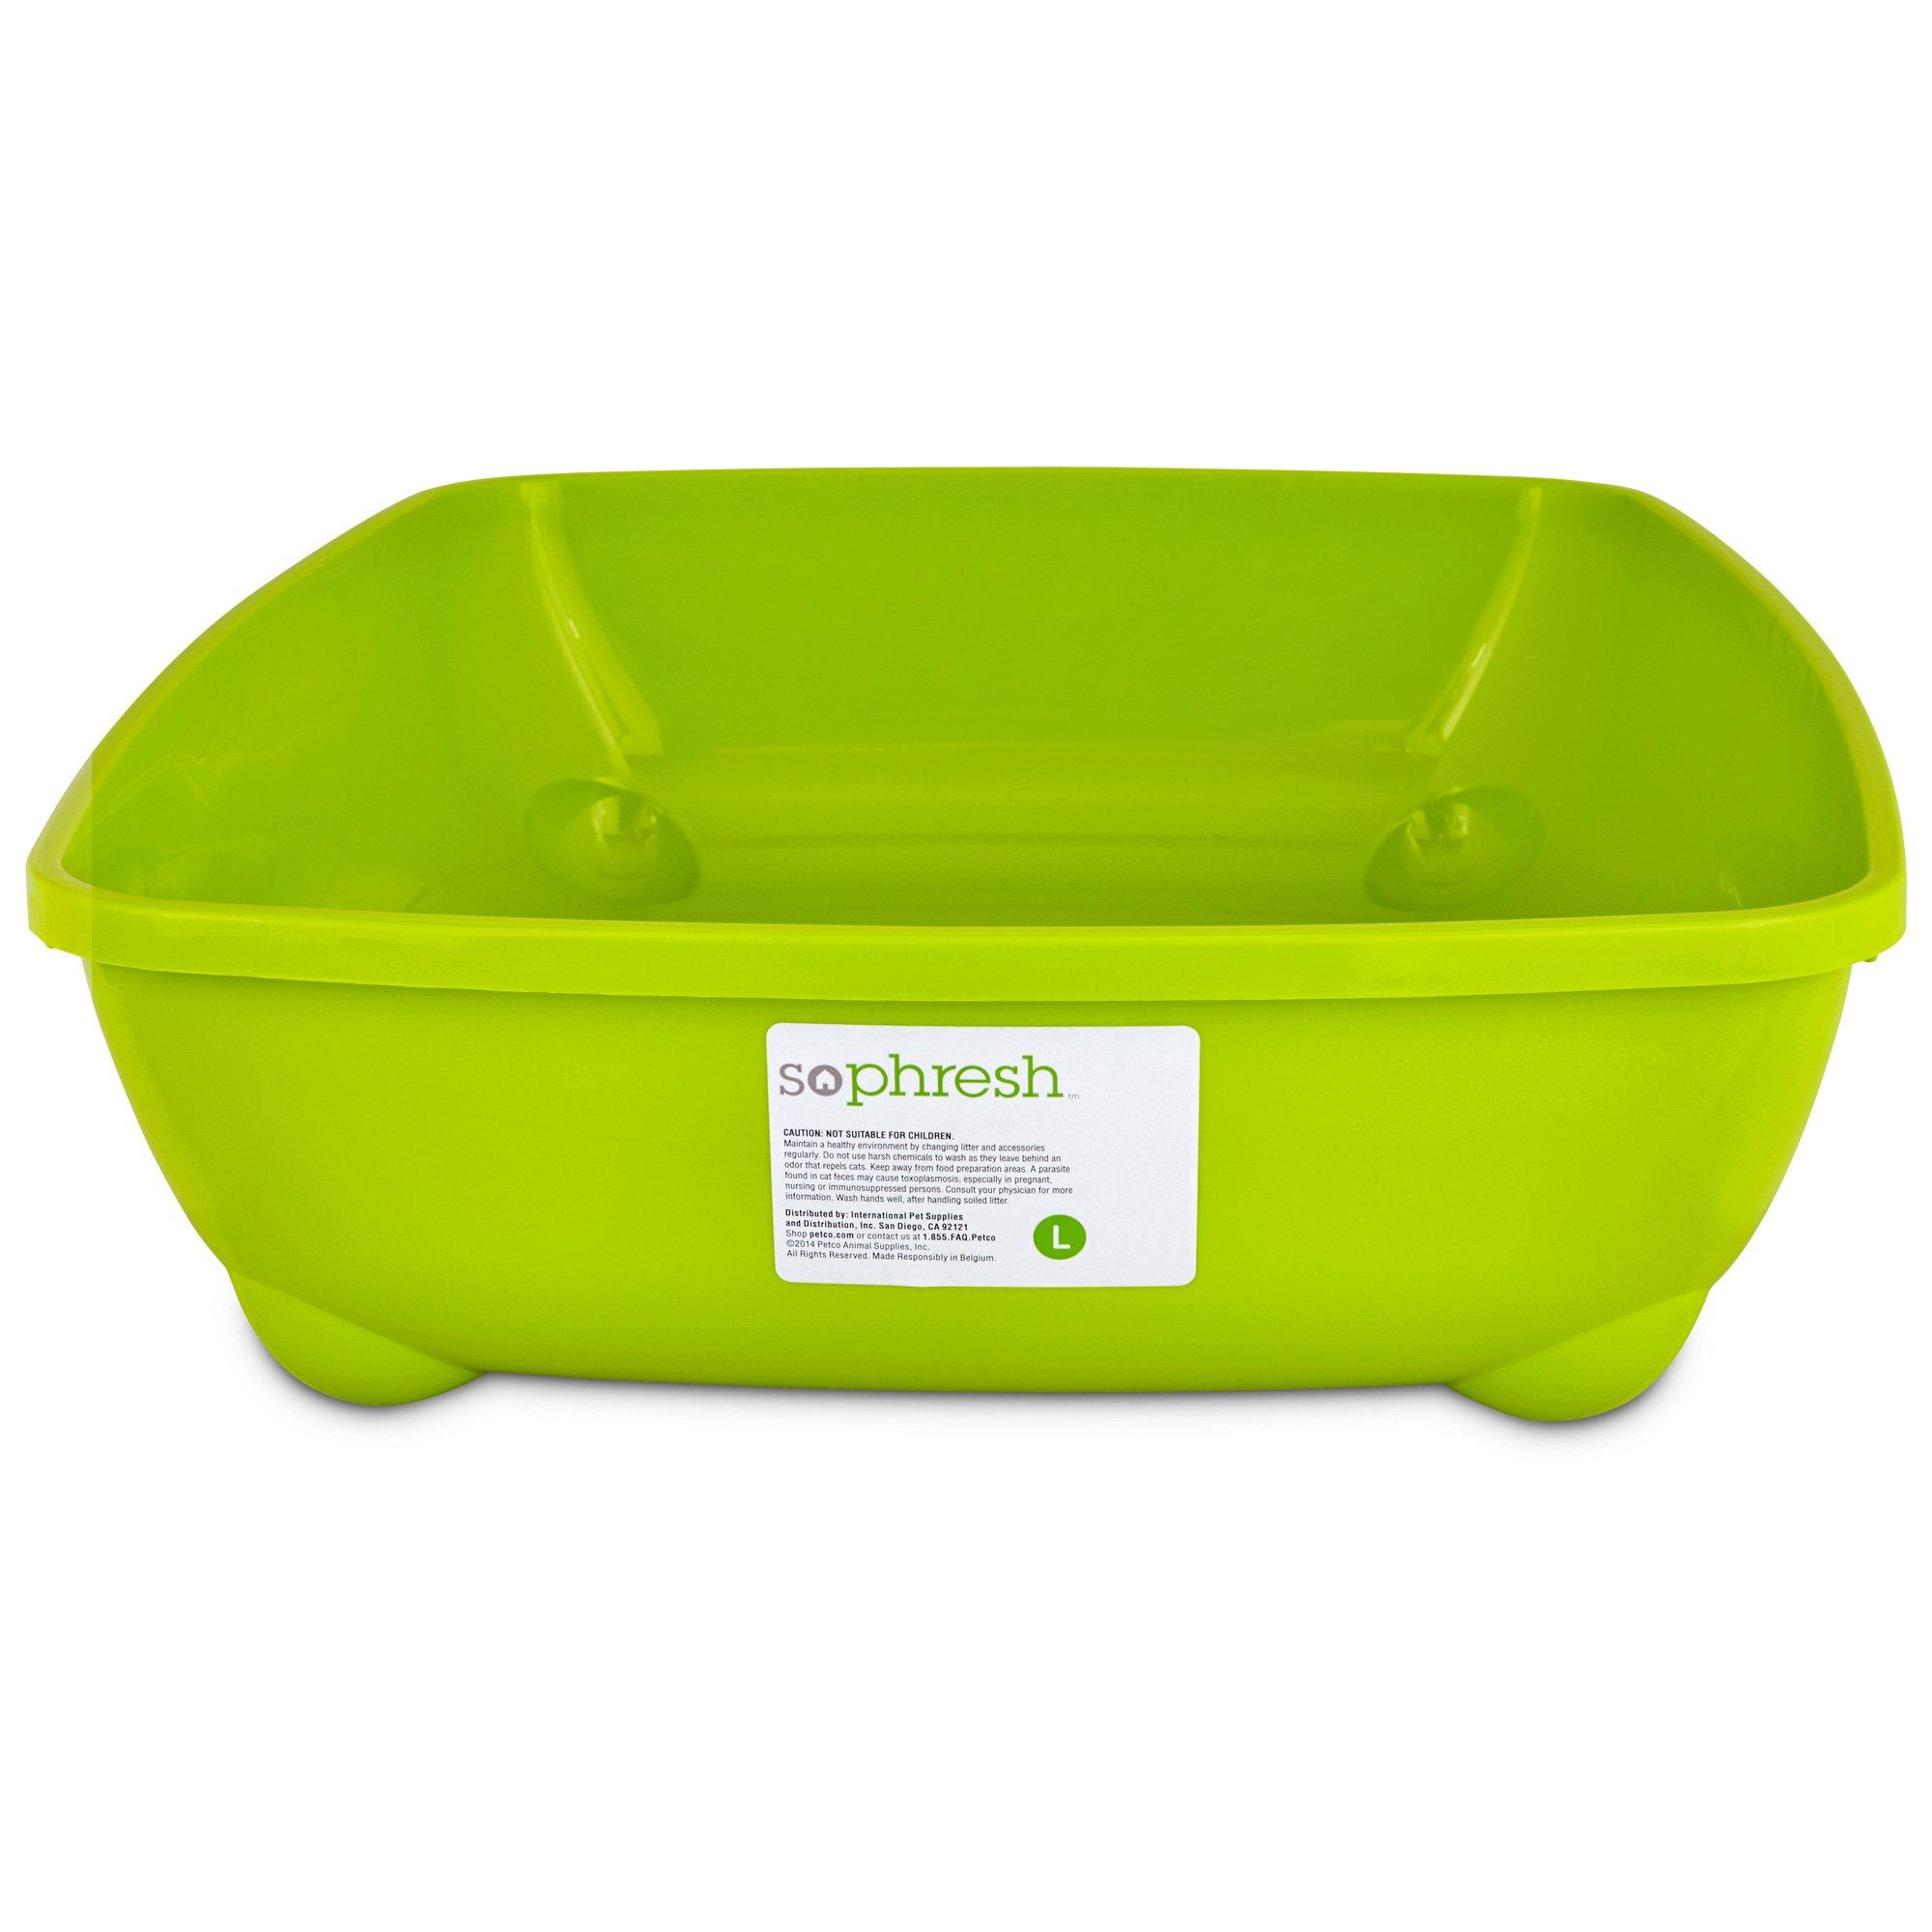 So Phresh Lime Green Large Open Litter Box